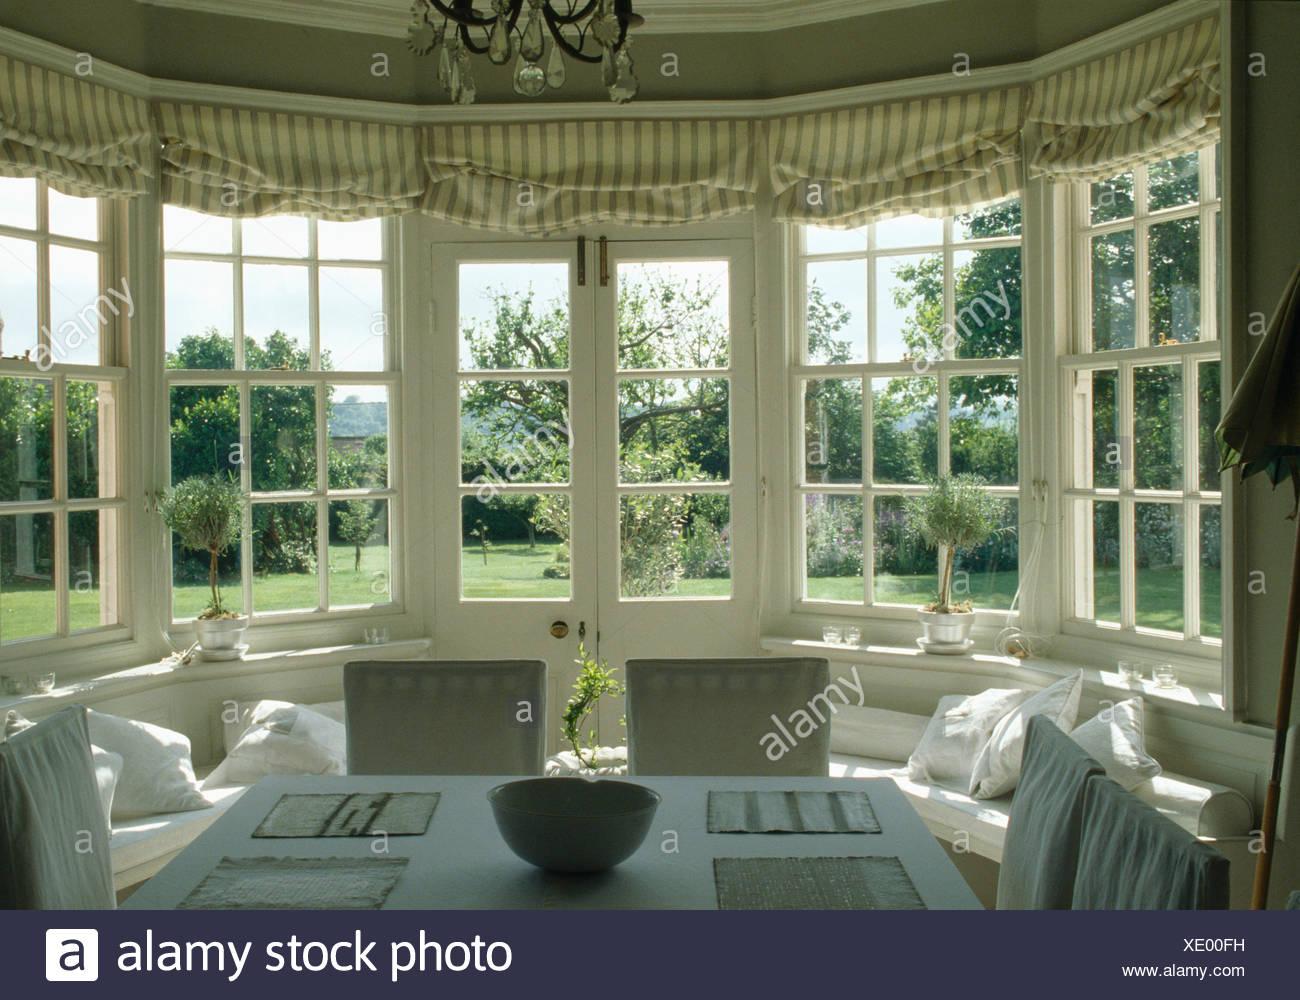 les stores des fentres la franaise rayures en pays salle manger avec vue sur le jardin